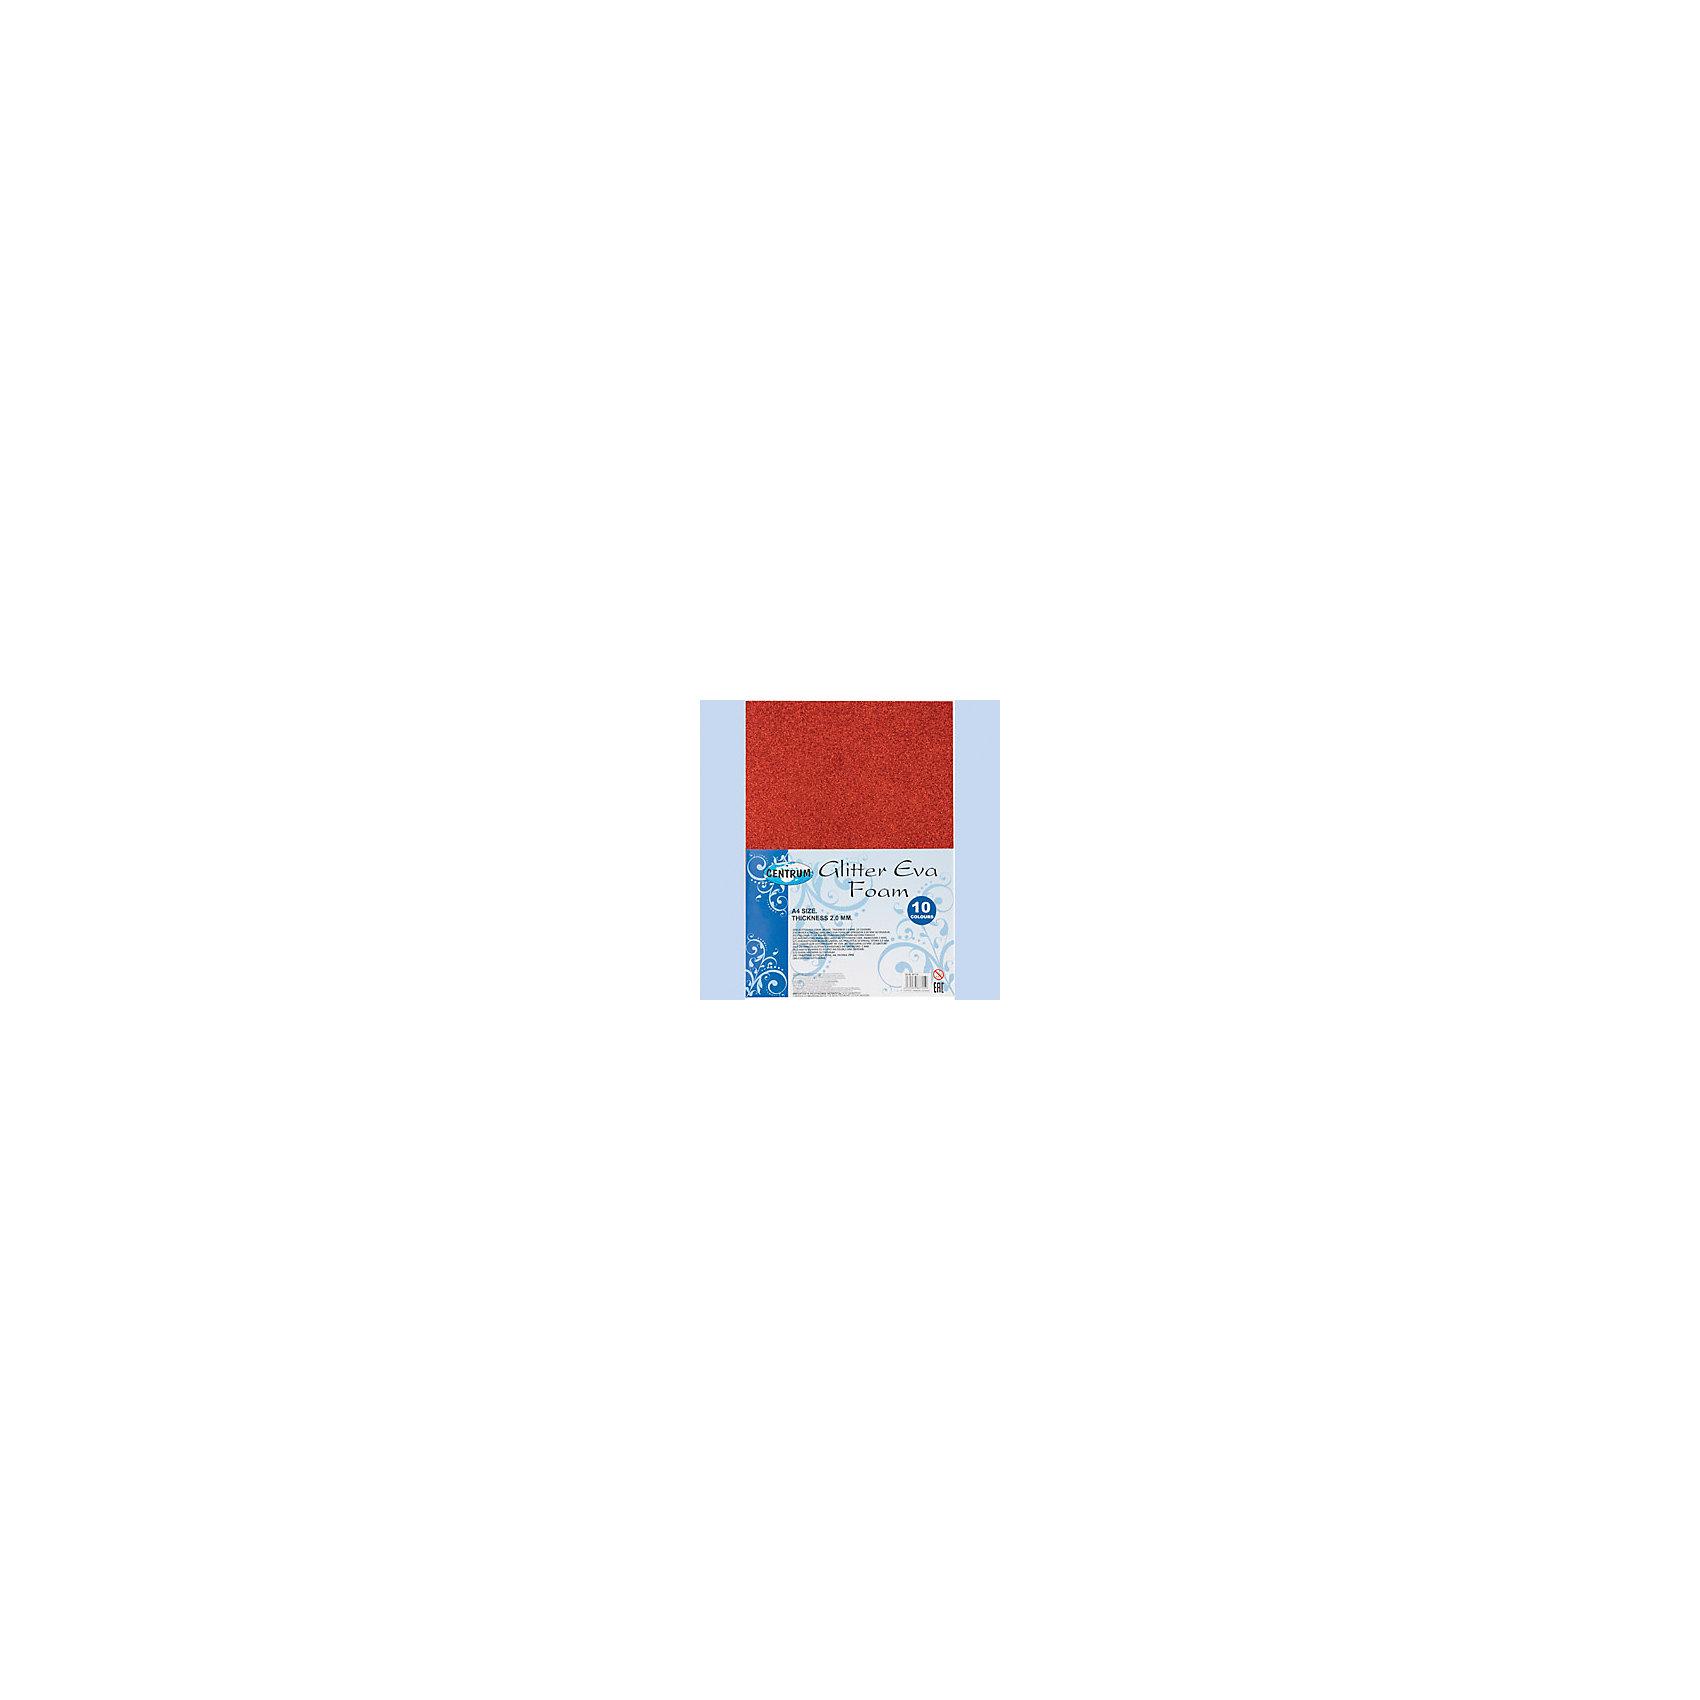 Centrum Набор декоративной бумаги EVA GlITTER, самоклеющаяся, для детского творчества (аппликации), А4, 10 цветовРисование<br>Набор декоративной бумаги EVA GlITTER, самоклеющаяся, для детского творчества (аппликации), толщина 2,0 мм, формат А4, 10 цветов<br><br>Ширина мм: 22<br>Глубина мм: 215<br>Высота мм: 300<br>Вес г: 240<br>Возраст от месяцев: 72<br>Возраст до месяцев: 2147483647<br>Пол: Унисекс<br>Возраст: Детский<br>SKU: 6846761